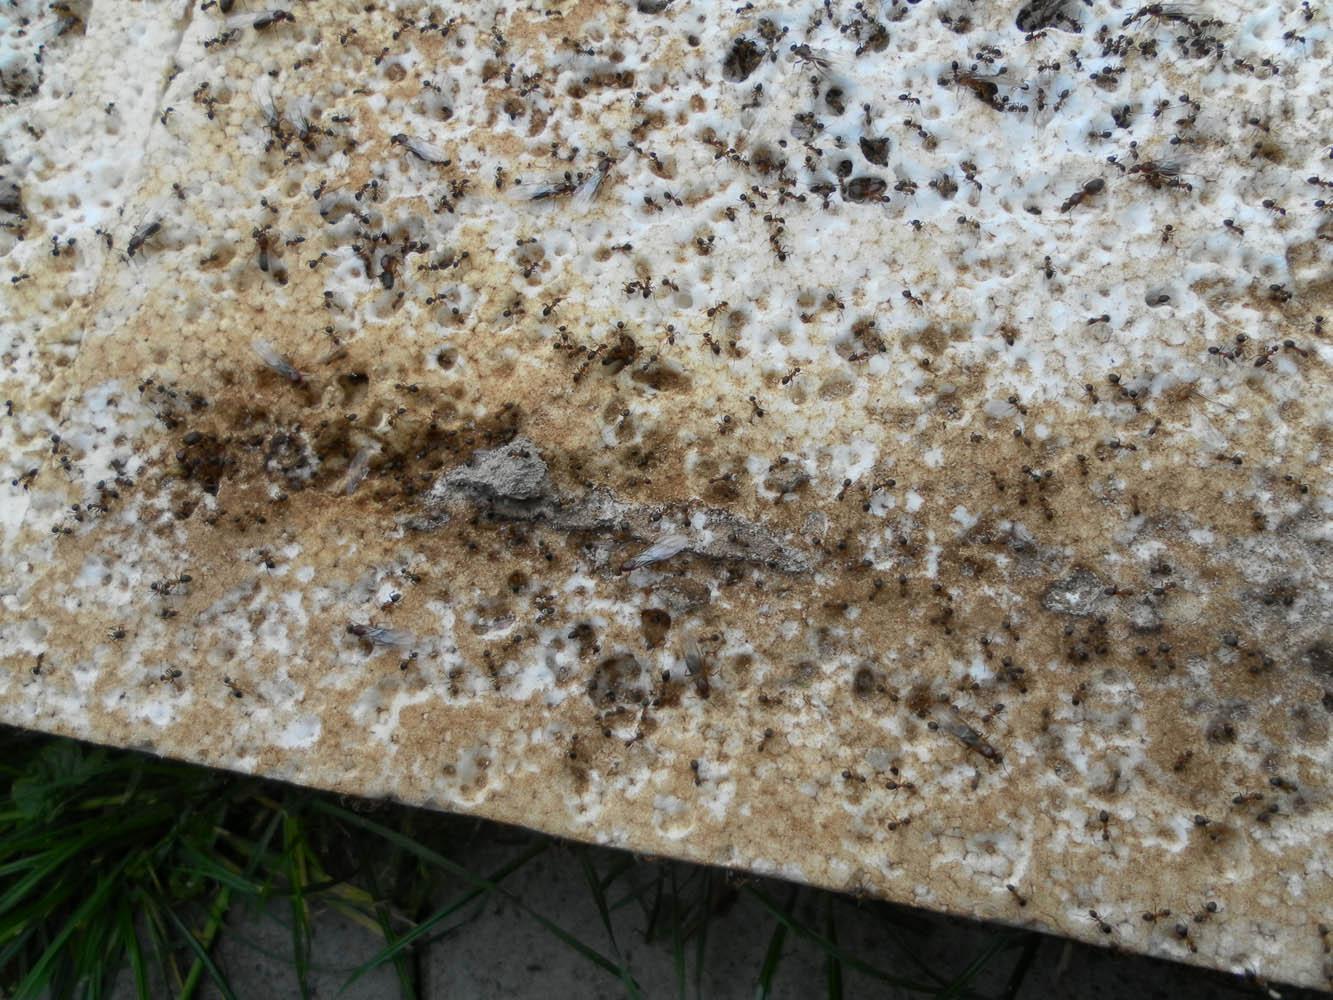 Top Weg Ameisen bekämpfen - Ameisenbekämpfung durch Schädlingsbekämpfer @HO_24